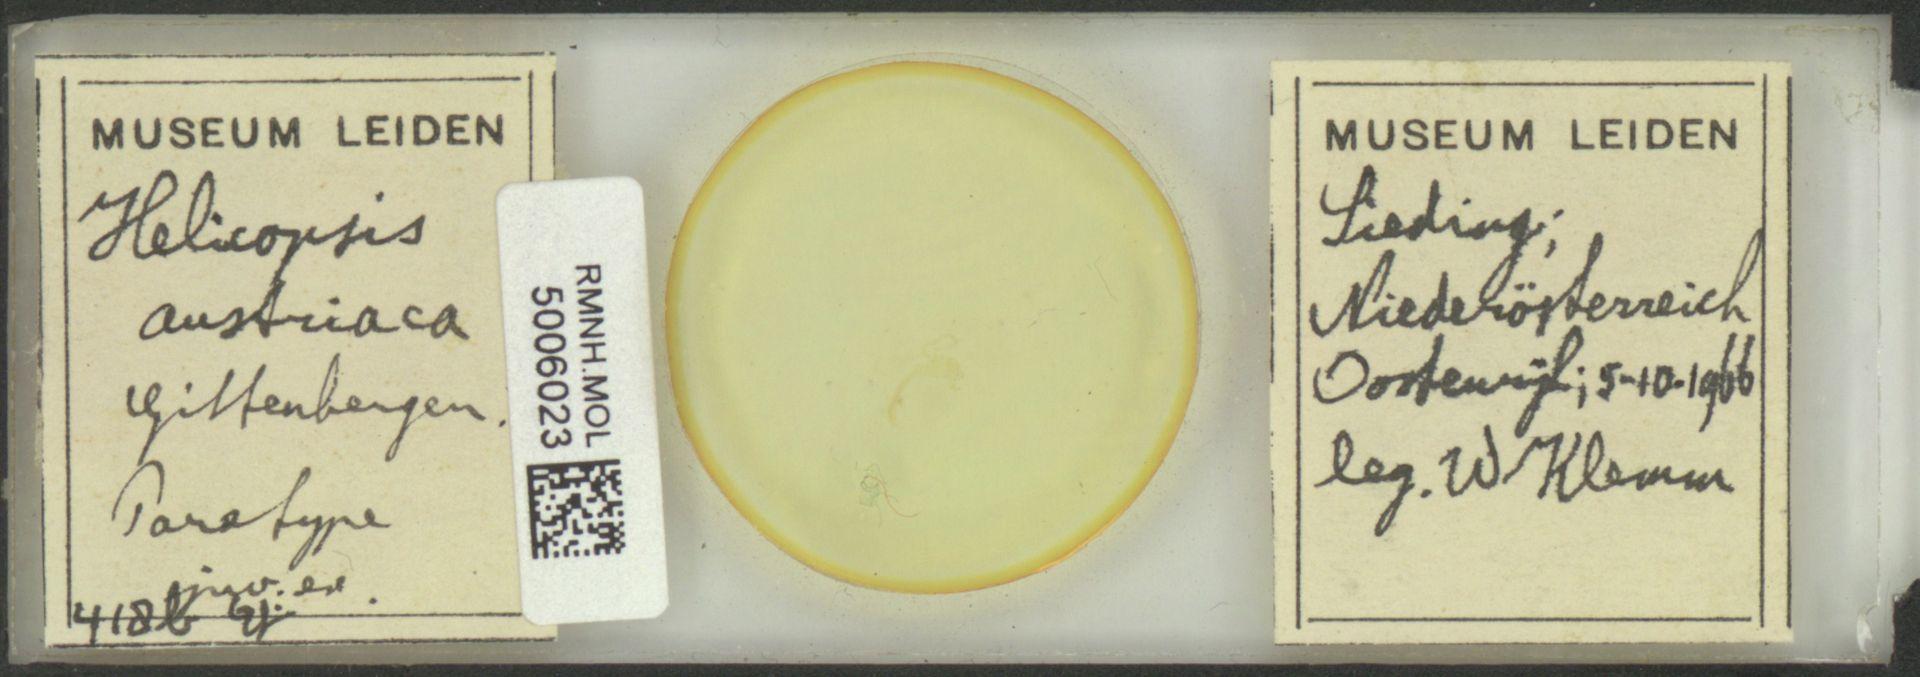 RMNH.MOL.5006023 | Helicopsis (Helicopsis) austriaca Gittenberger, 1969